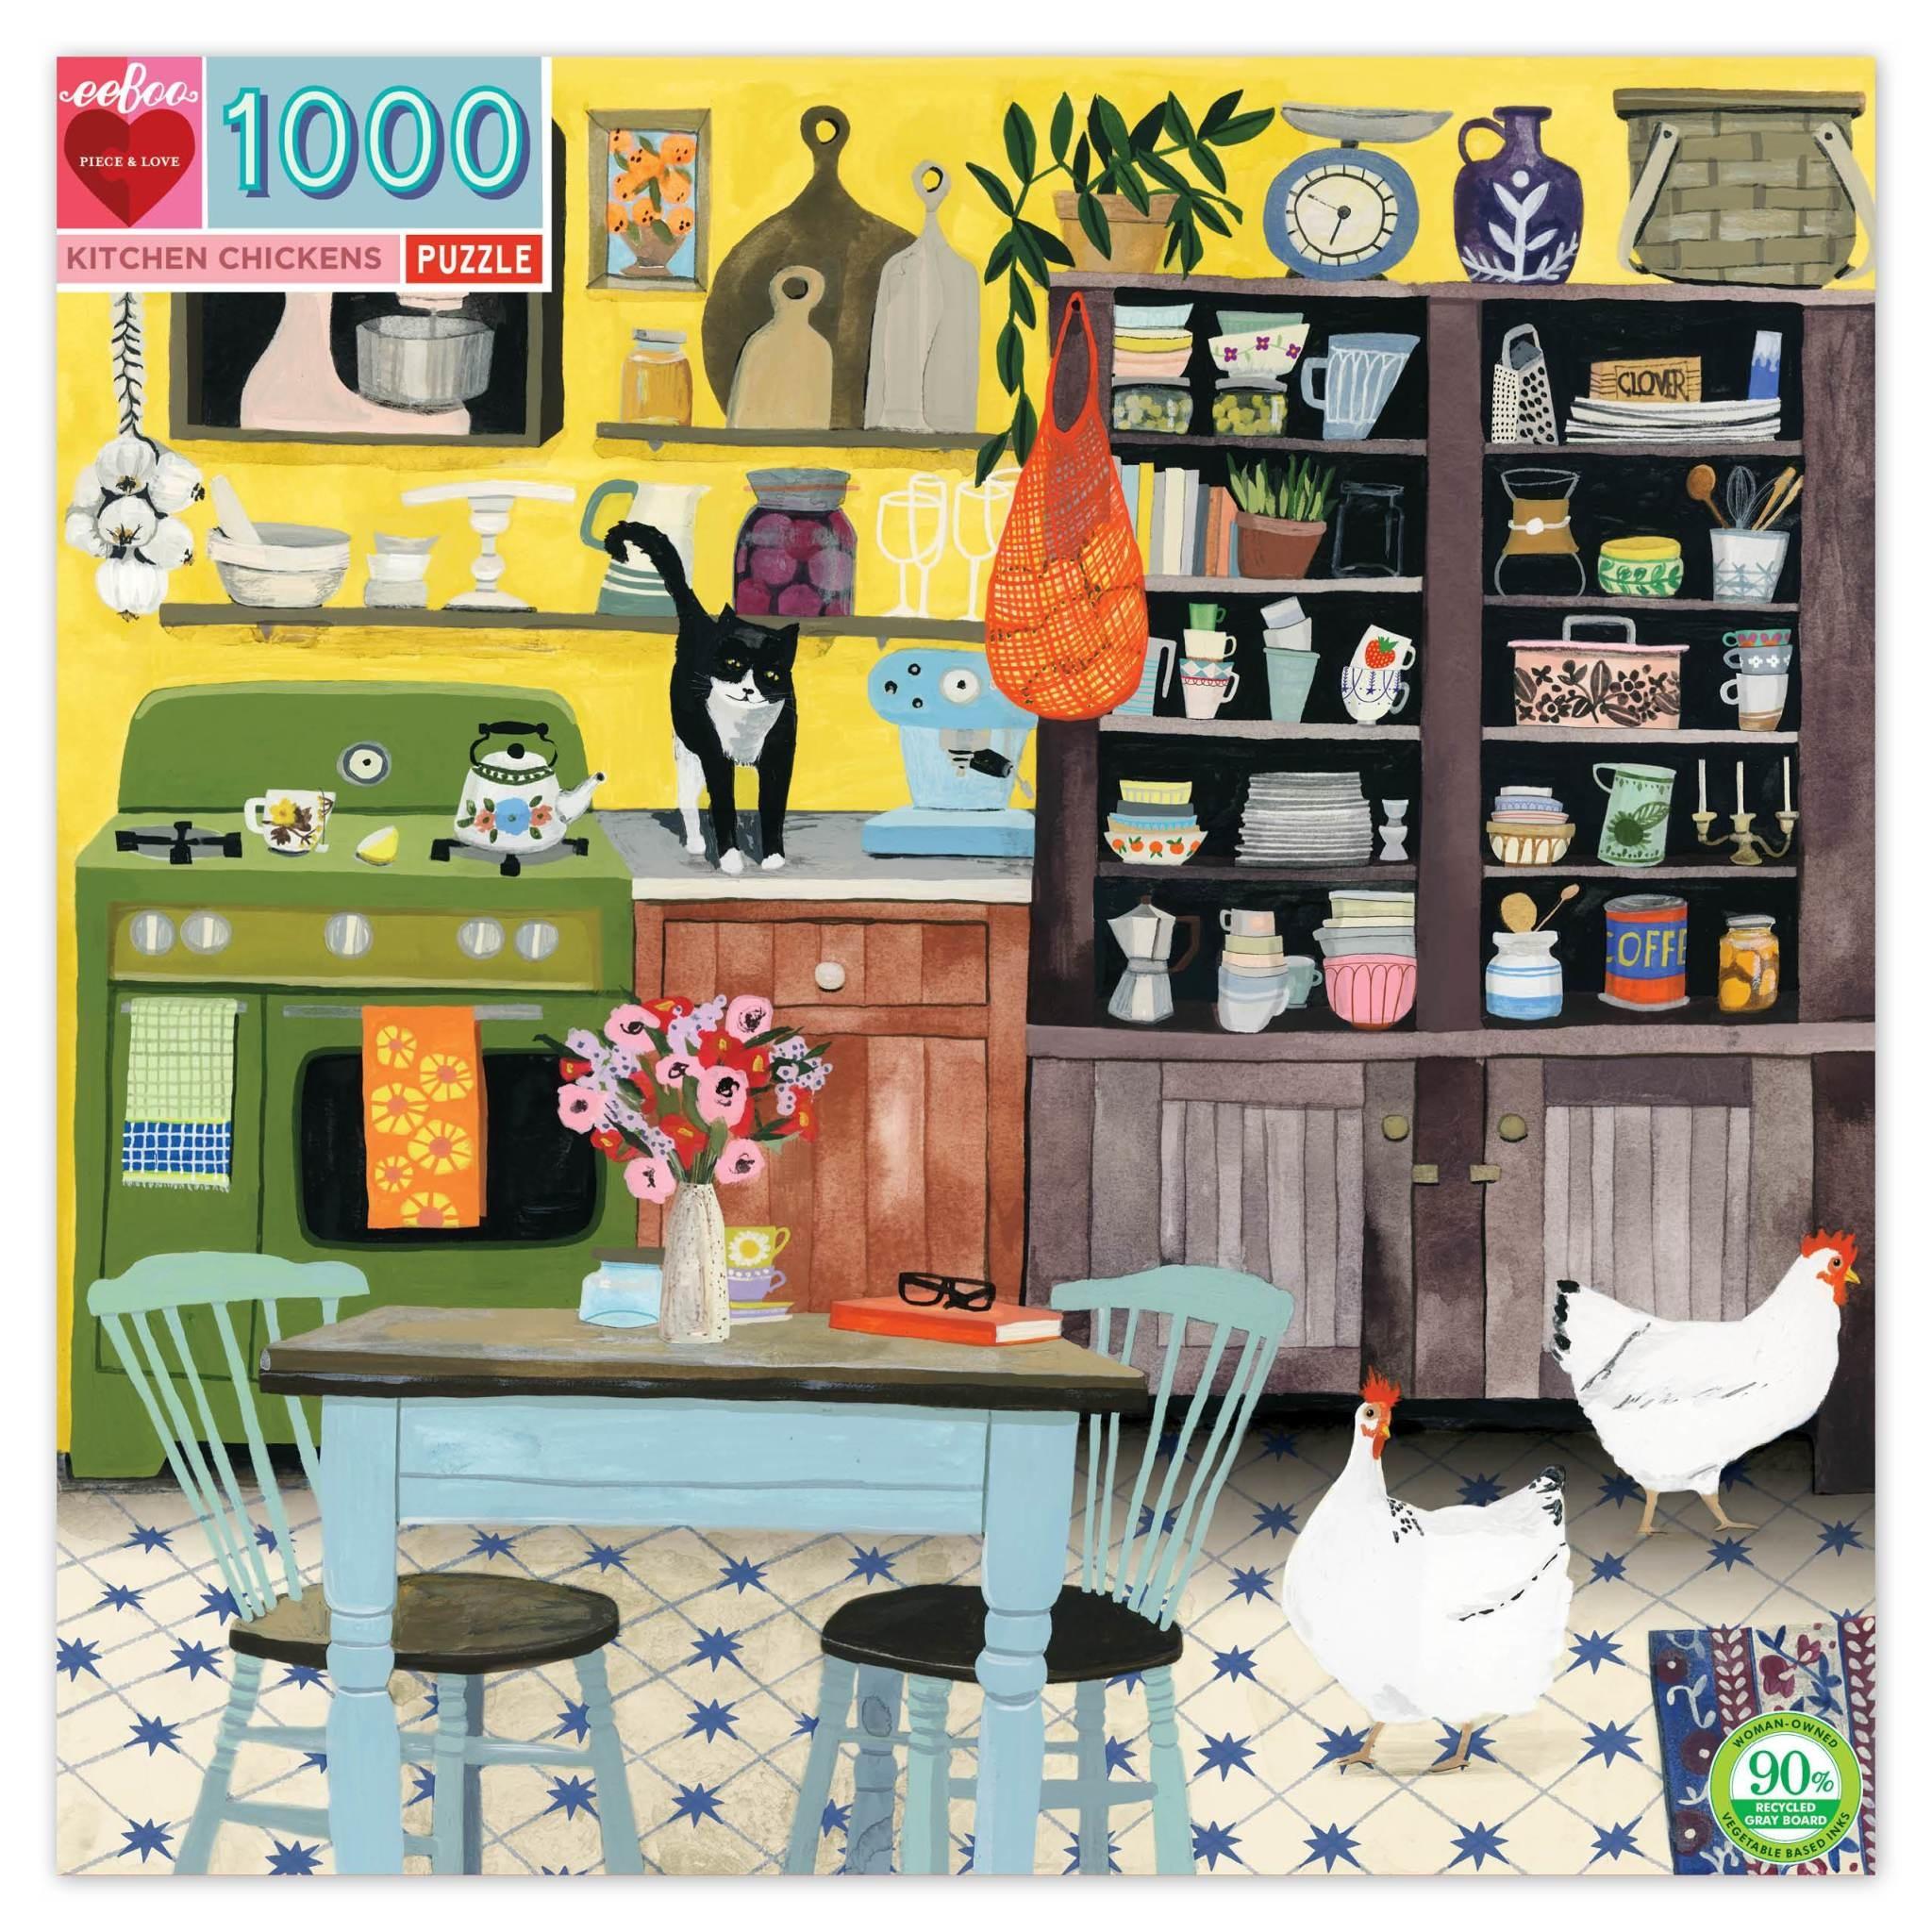 Kitchen Chickens (1000 piece Jigsaw)